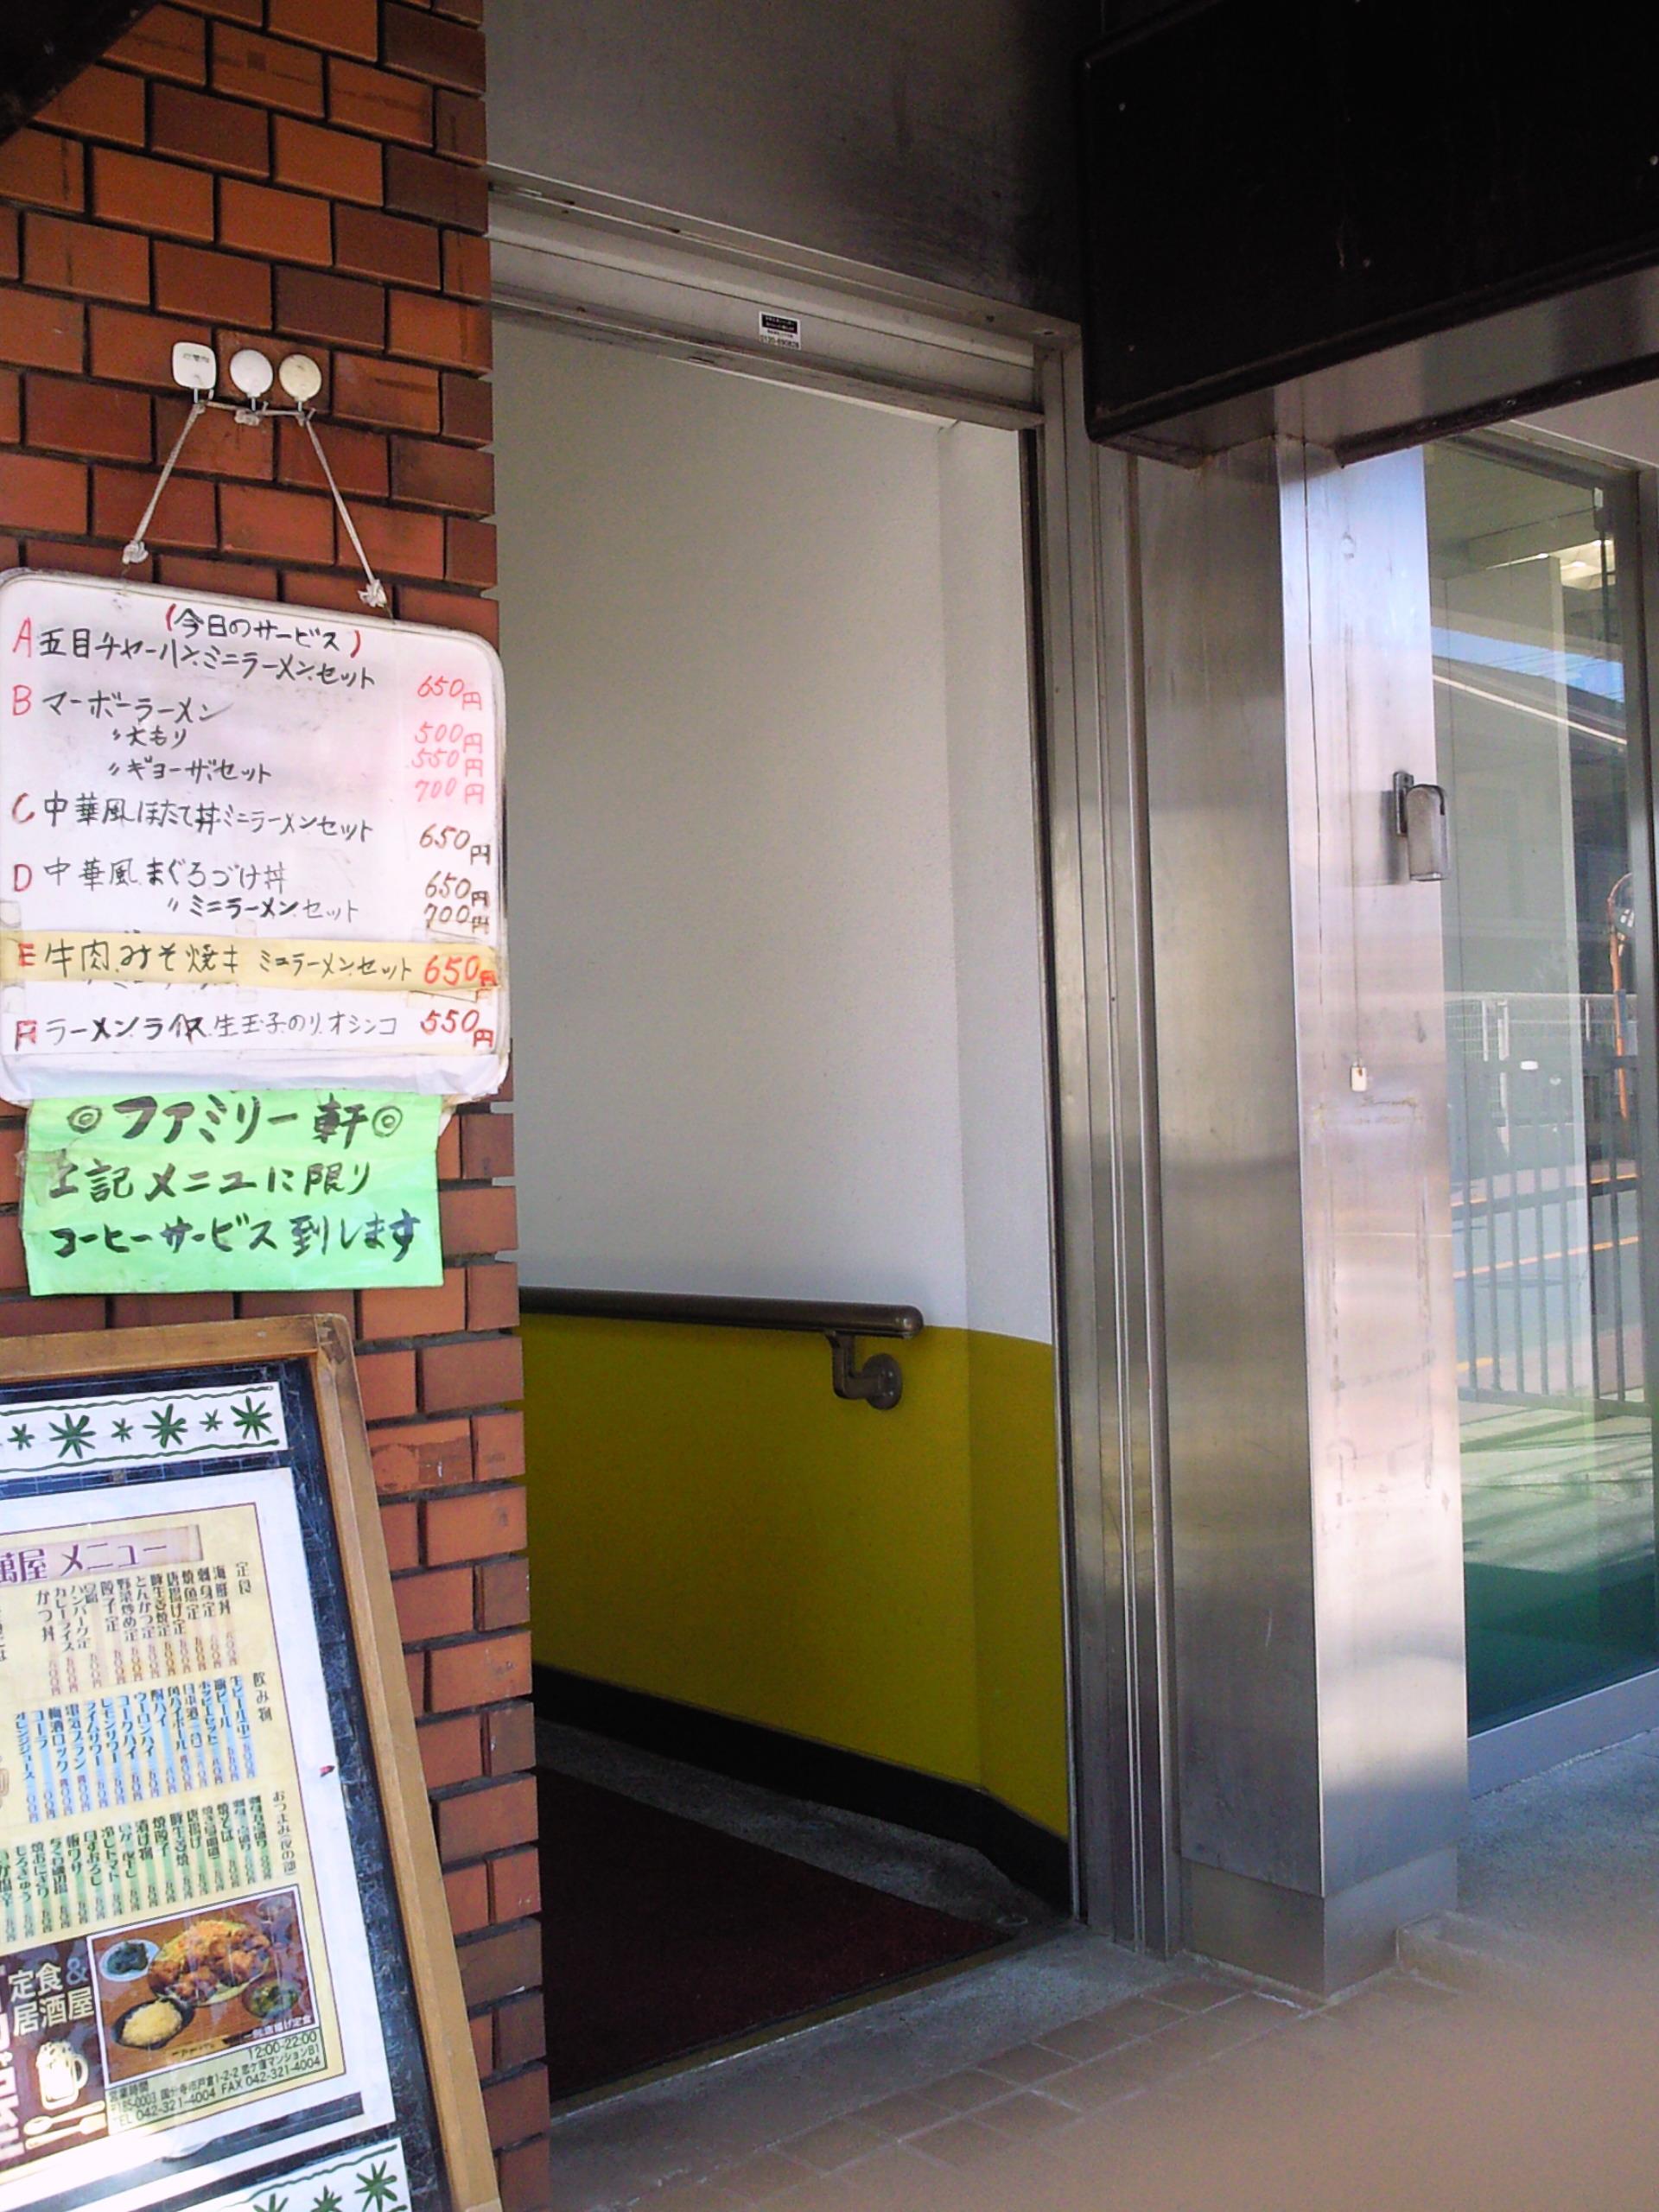 恋ヶ窪駅前ビル入口